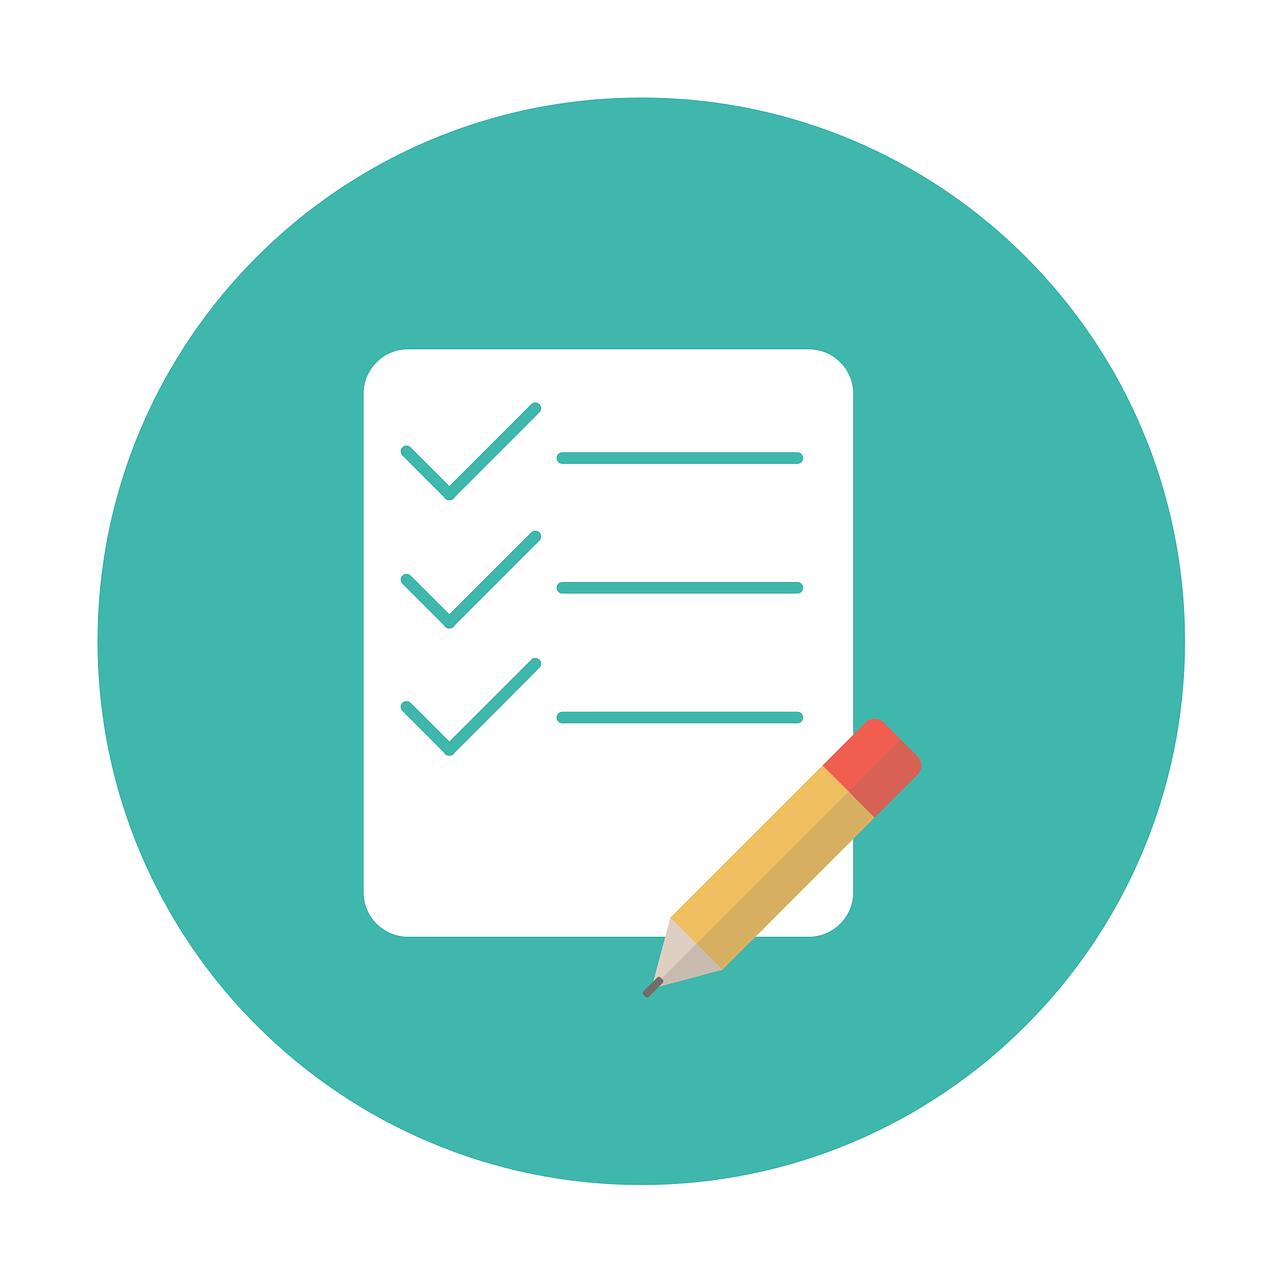 Die Graphik soll barrierefreie Dokumente symbolisieren. Dargestellt ist ein Arbeitsblatt (Checkliste) mit Bleistift.